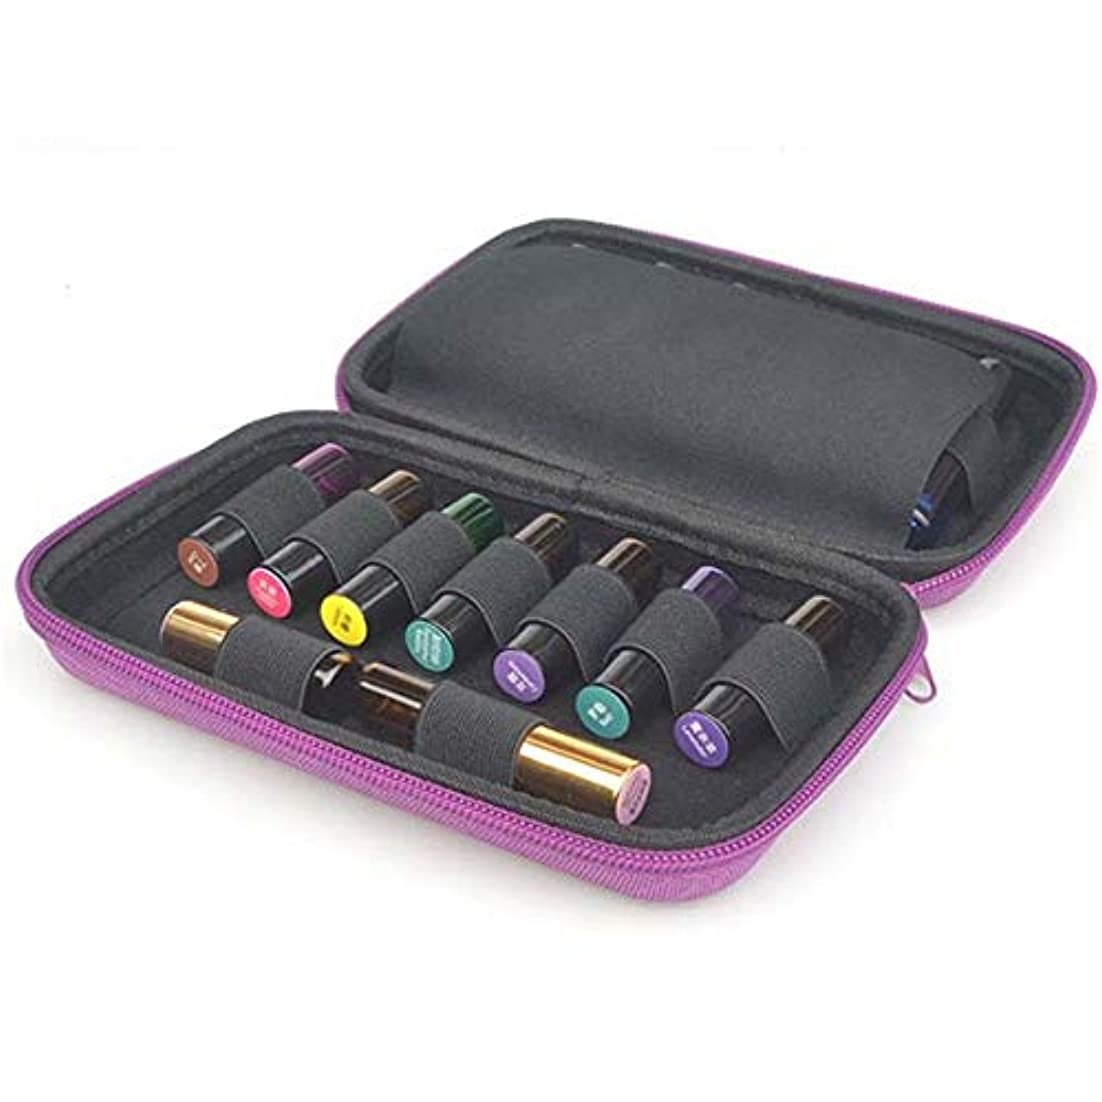 掃除初期リビングルームエッセンシャルオイル収納ボックス エッセンシャルオイル5?10ミリリットルローラーと標準ボトルの場合は最大15本のボトルパーフェクトのためのケースプレミアムハードシェル保護キャリング アロマオイル収納ボックス (色 : 紫の, サイズ : 20X13X4.5CM)